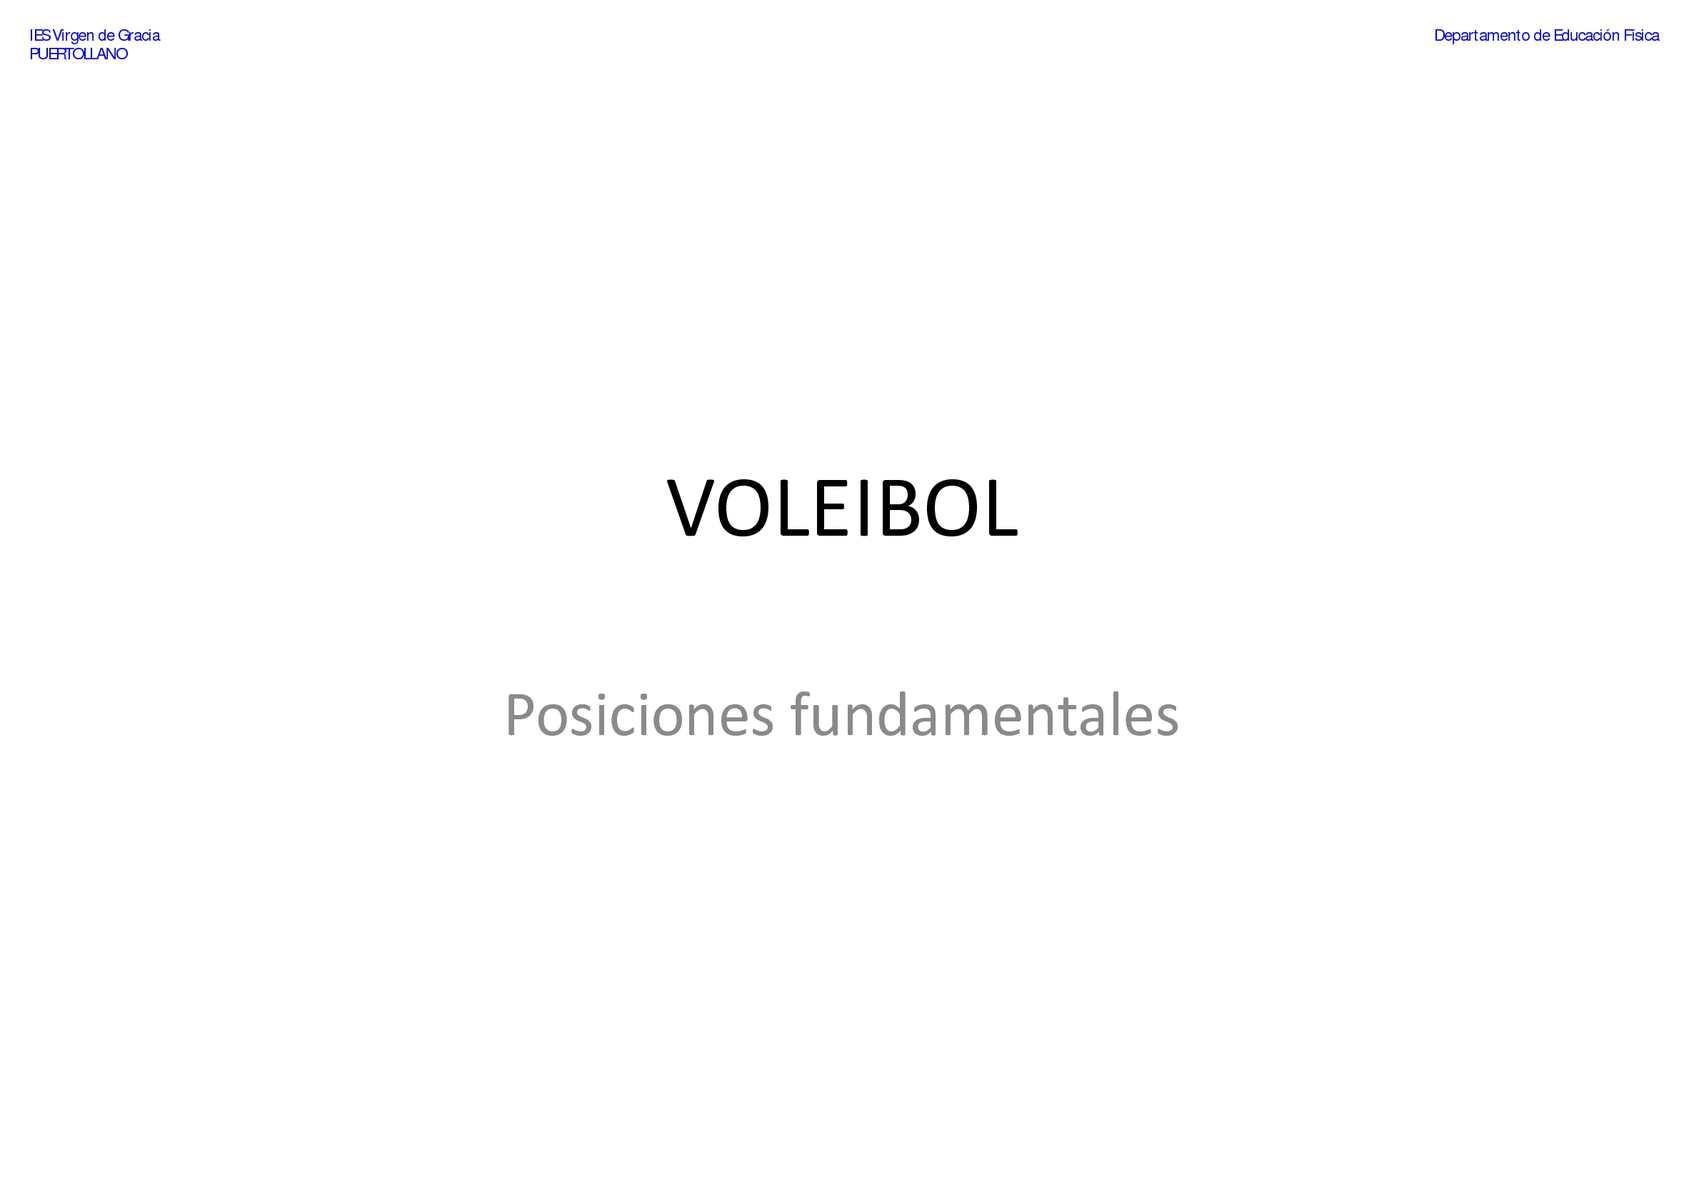 VOLEIBOL - Posiciones fundamentales